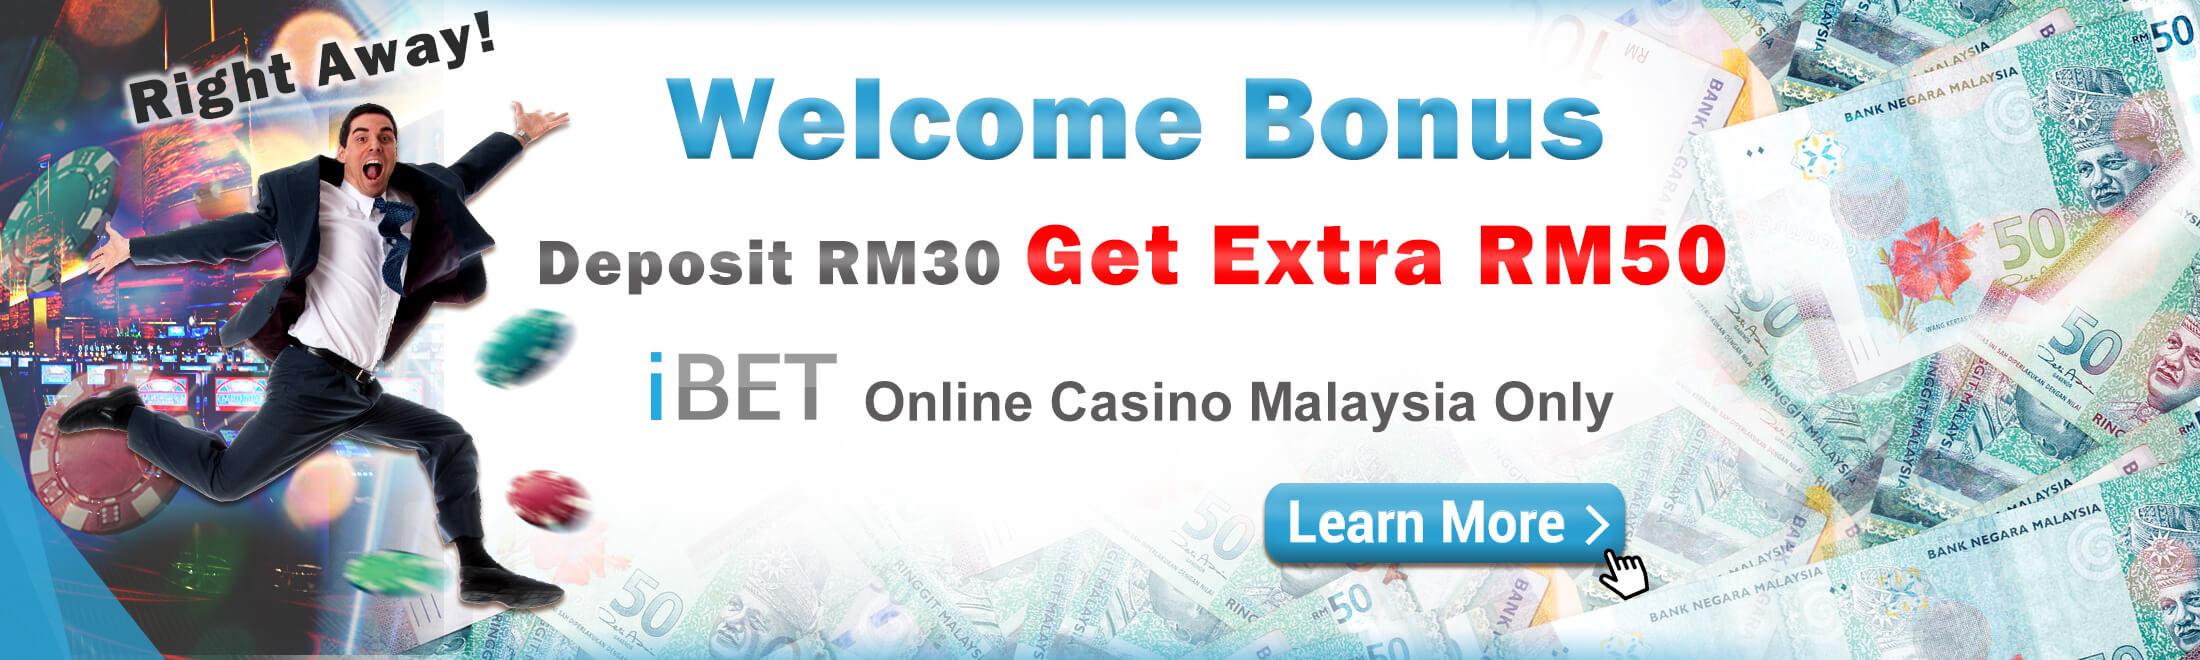 Fixed welcome bonus